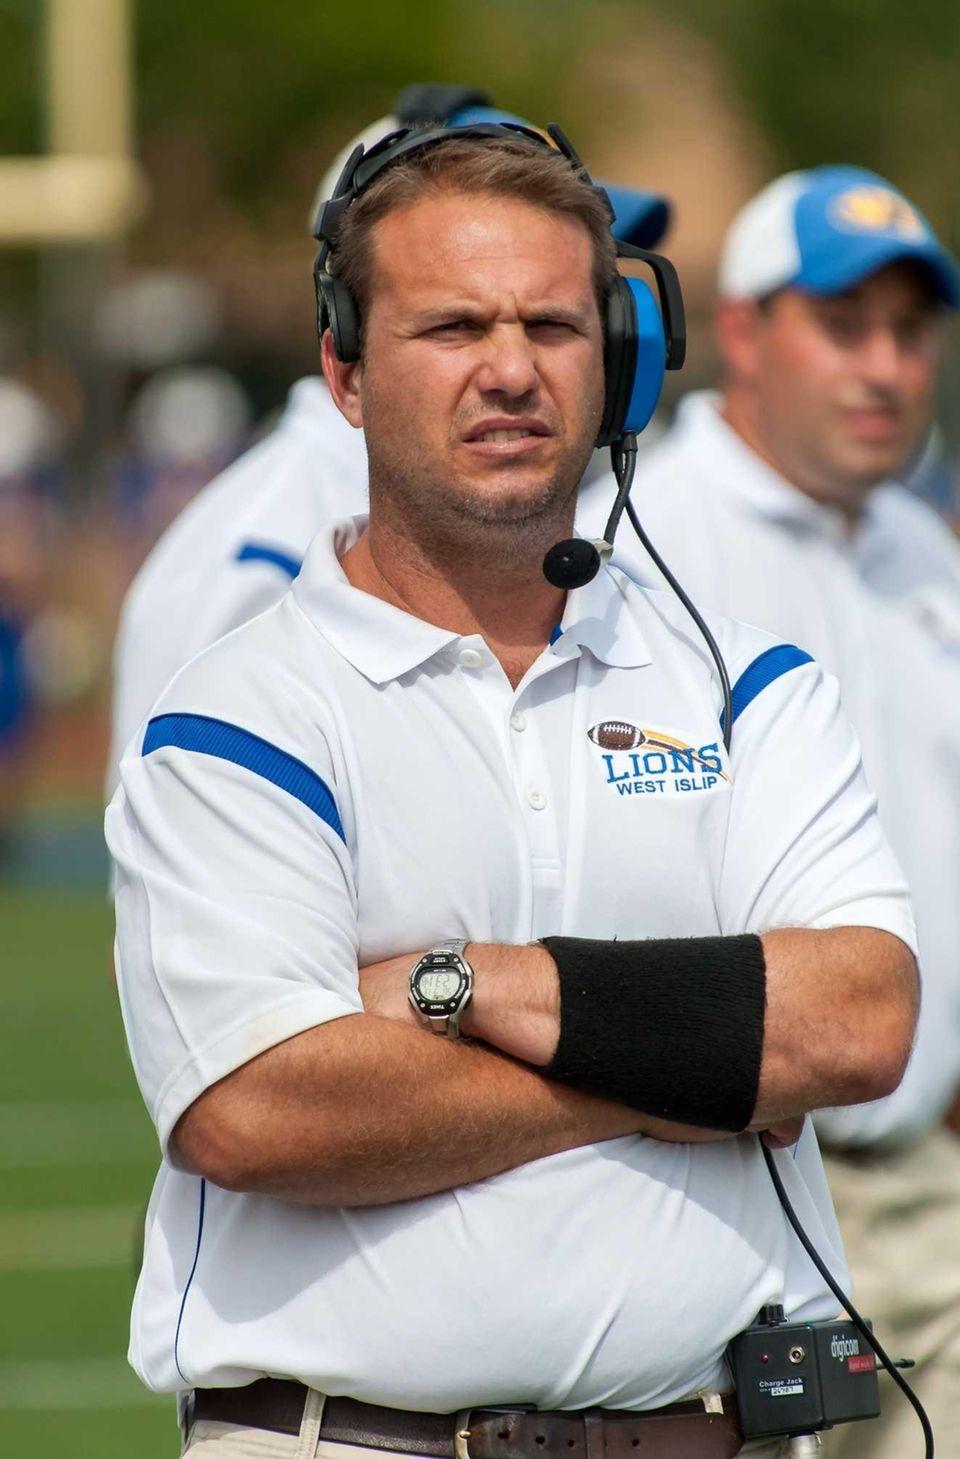 West Islip's head coach Steve Mileti looks on